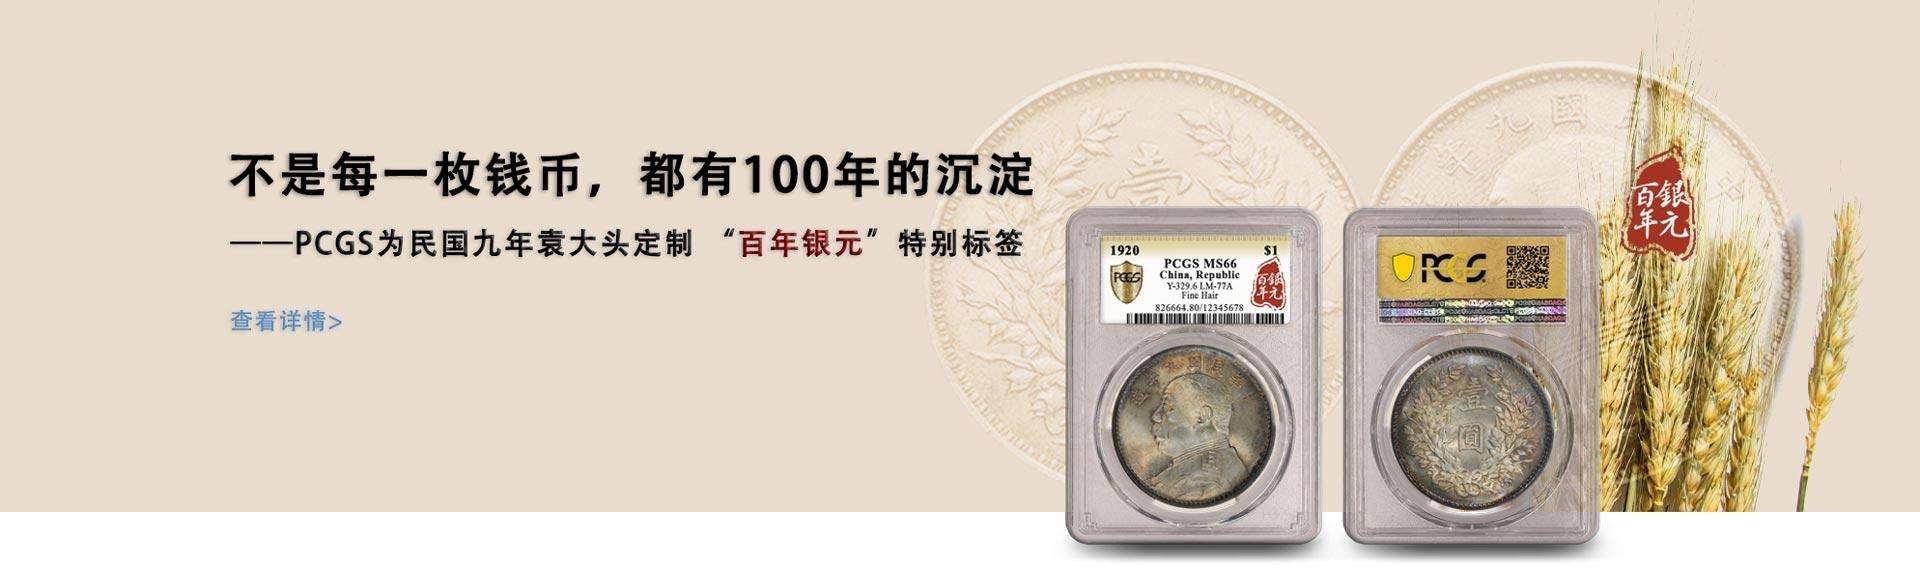 """PCGS为民国九年袁大头定制 """"百年银元""""特别标签"""